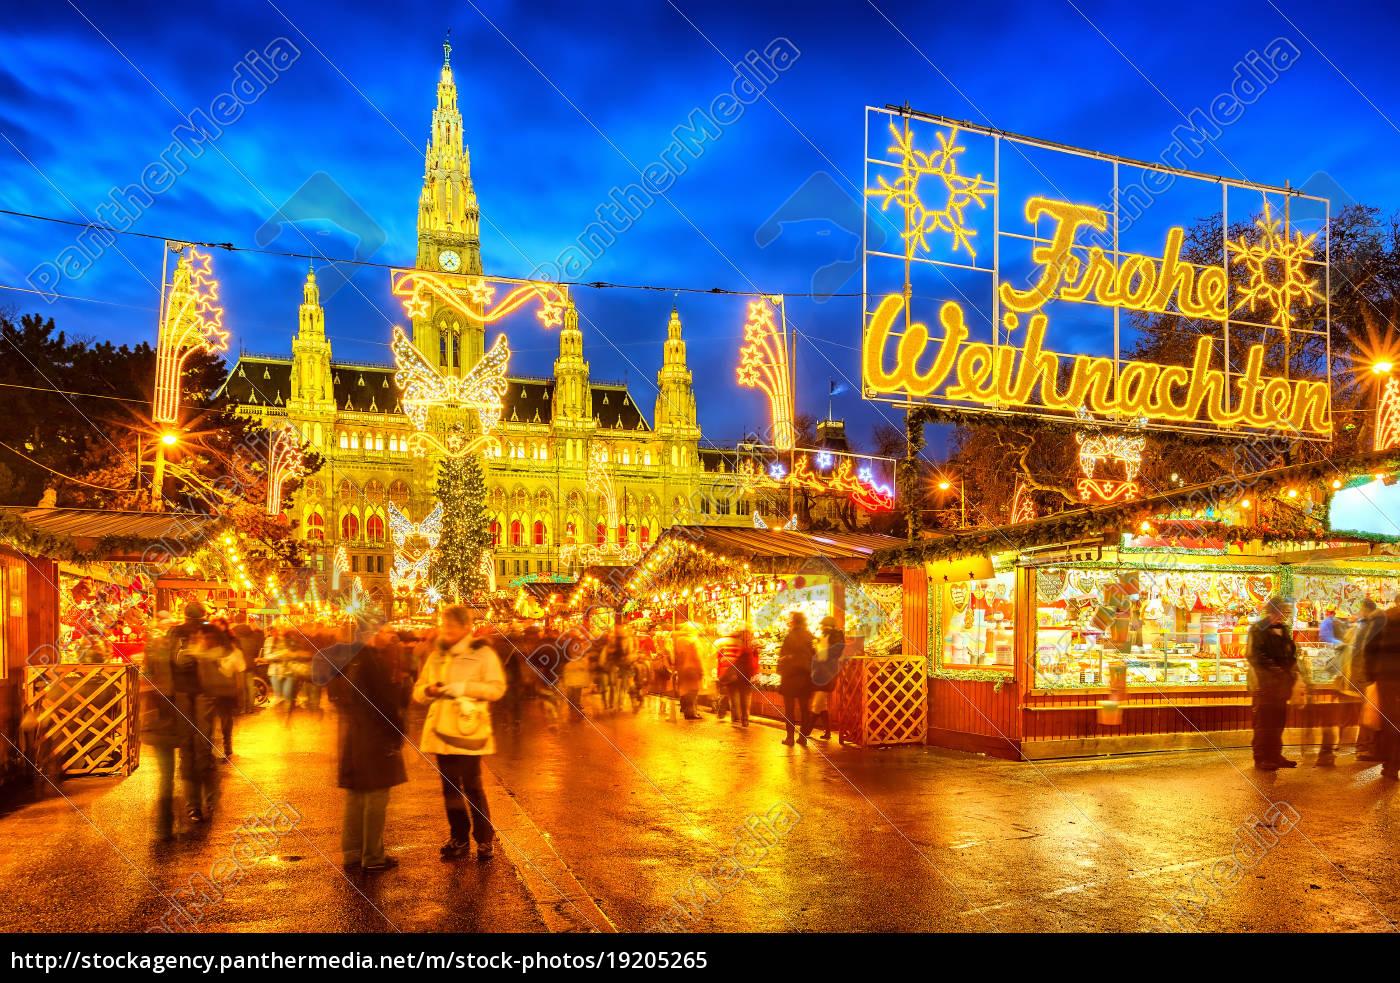 Frohe Weihnachten Hindi.Stockfoto 19205265 Weihnachtsmarkt Mit Frohe Weihnachten Zeichen In Wien